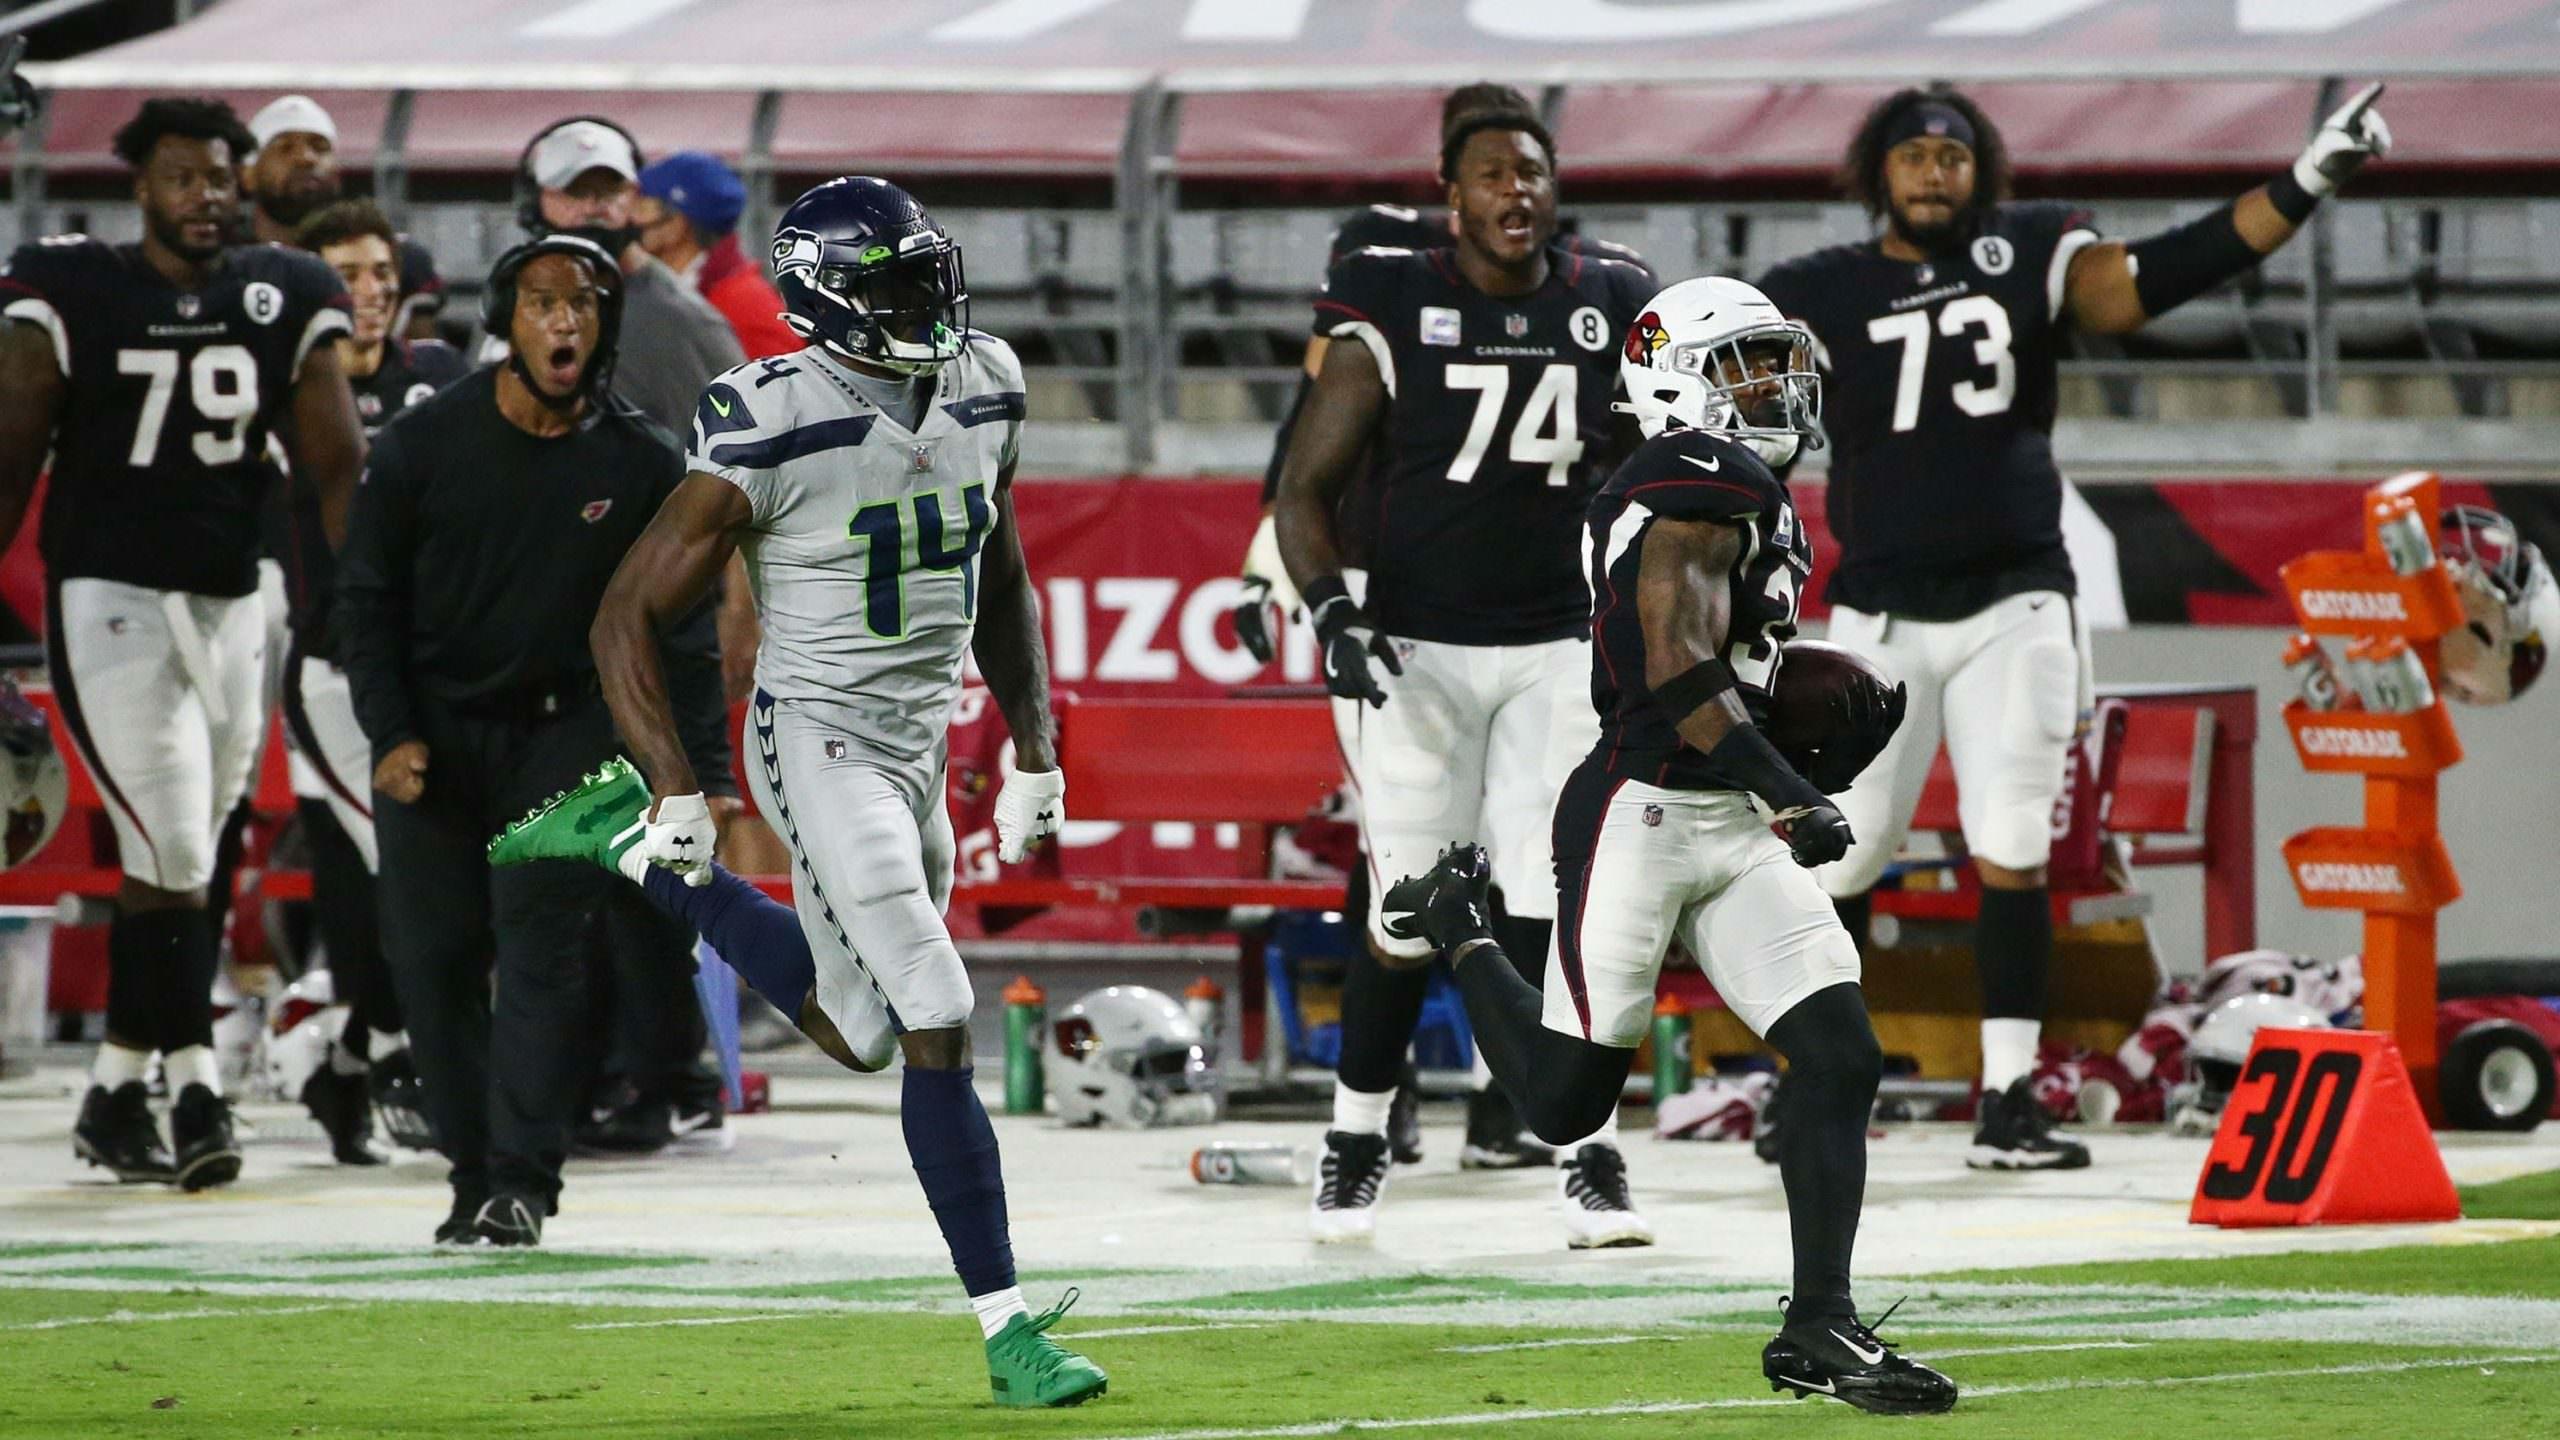 Apenas um time permanece invicto, os Patriots estão com problemas e DK Metcalf é assustadoramente rápido.  Aqui está nosso detalhamento da semana 7 da NFL.